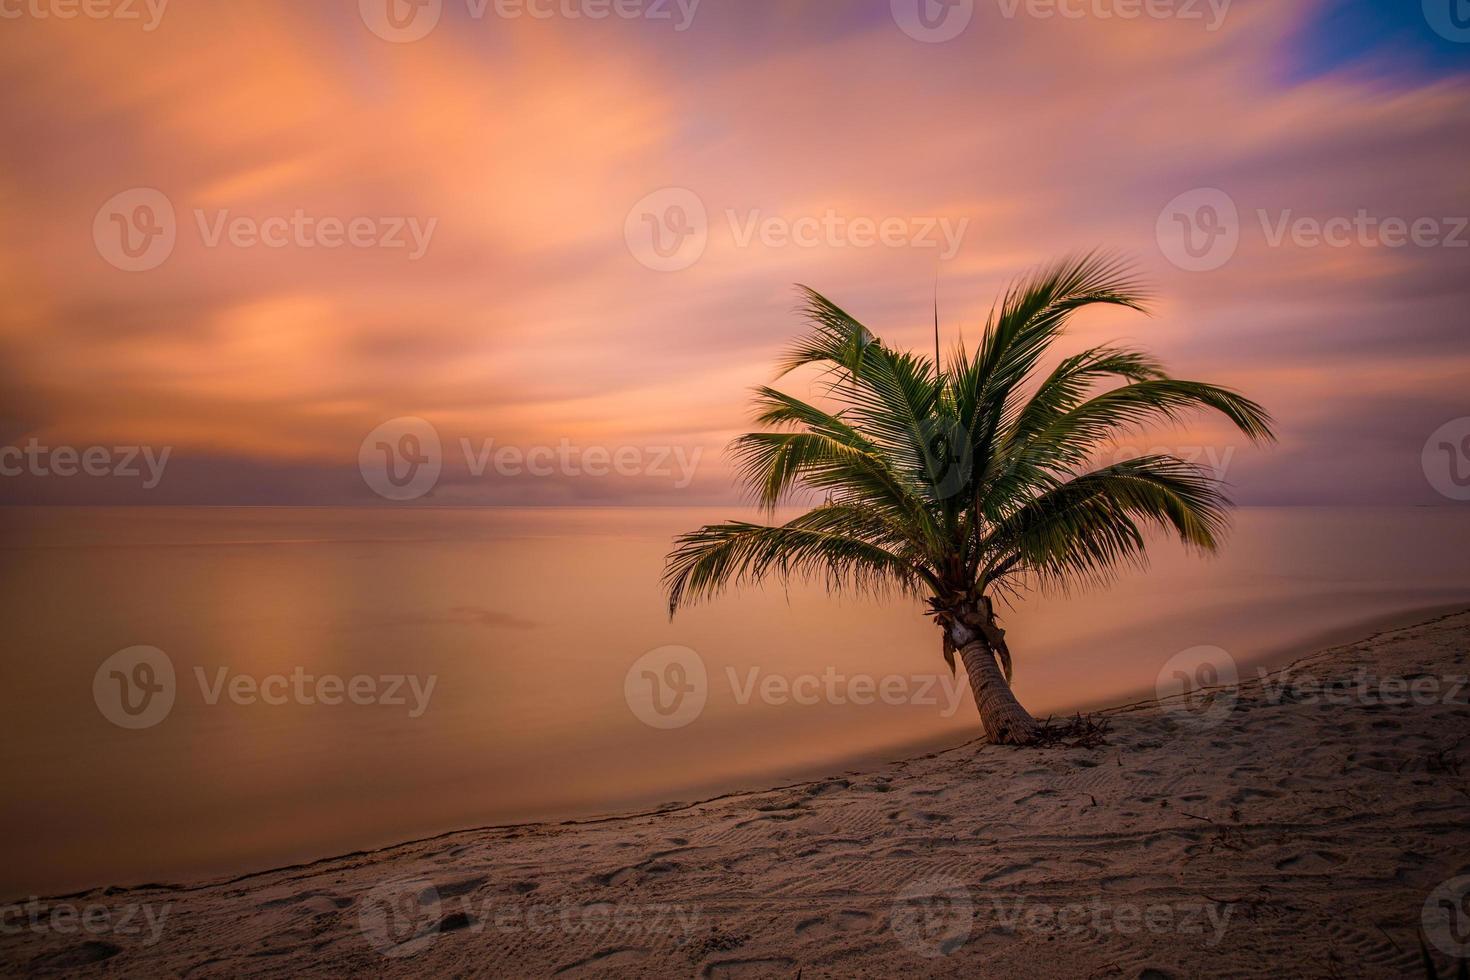 tramonto della palma foto